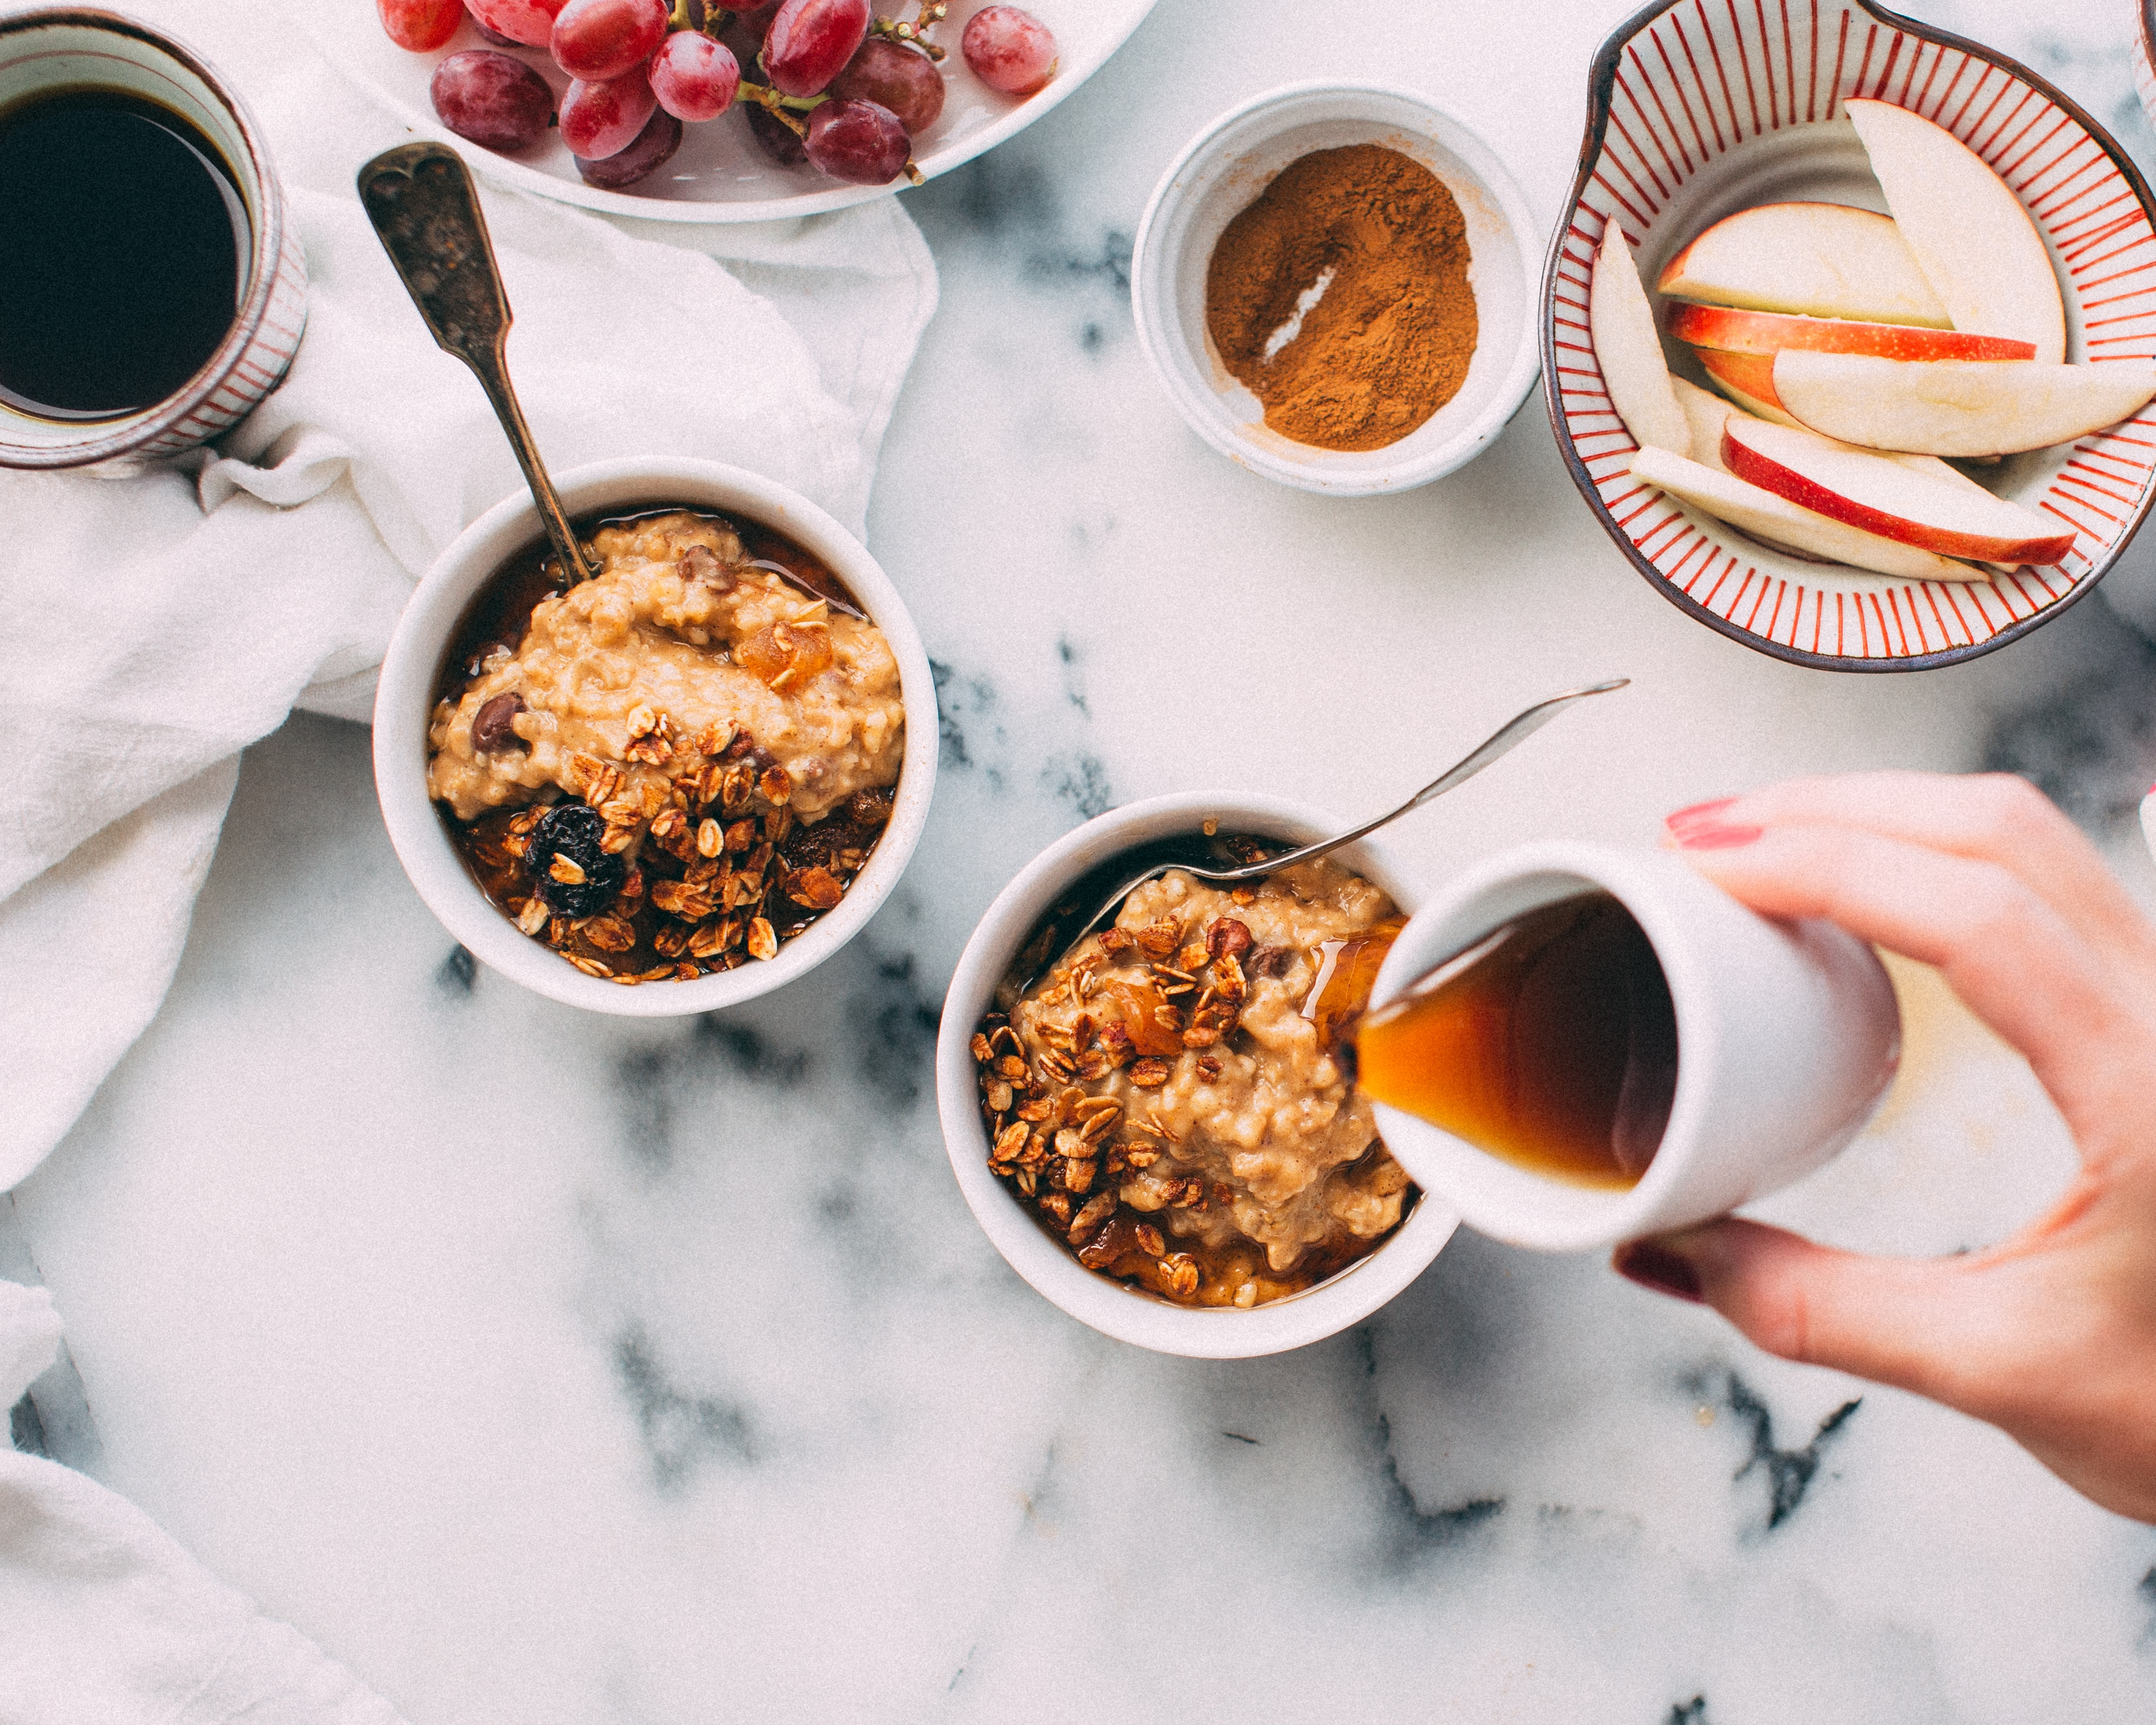 Z czym jeść płatki owsiane